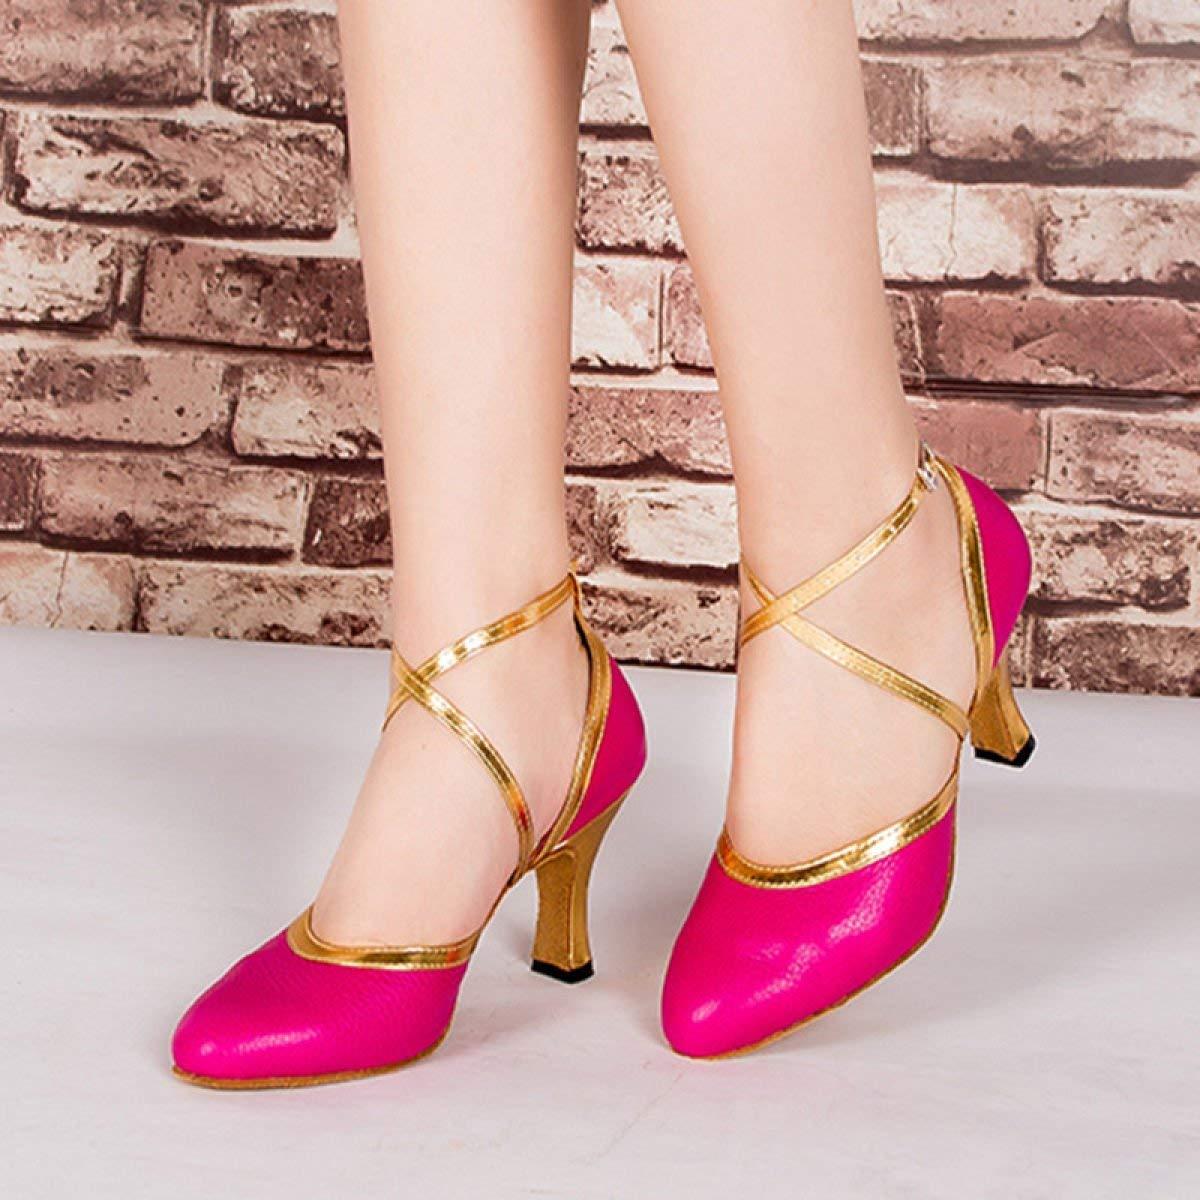 Damen Latin Dance Closed Toe High Heel UP Leder Glitter Tango Salsa Tango Glitter Moderne Ballrom Mary Jance Tanzschuhe WeißHeeled6cm-UK5.5   EU38   Our39 ( Farbe   Rosaheeled8cm  Größe   UK3 EU33 Our34 ) afe05d